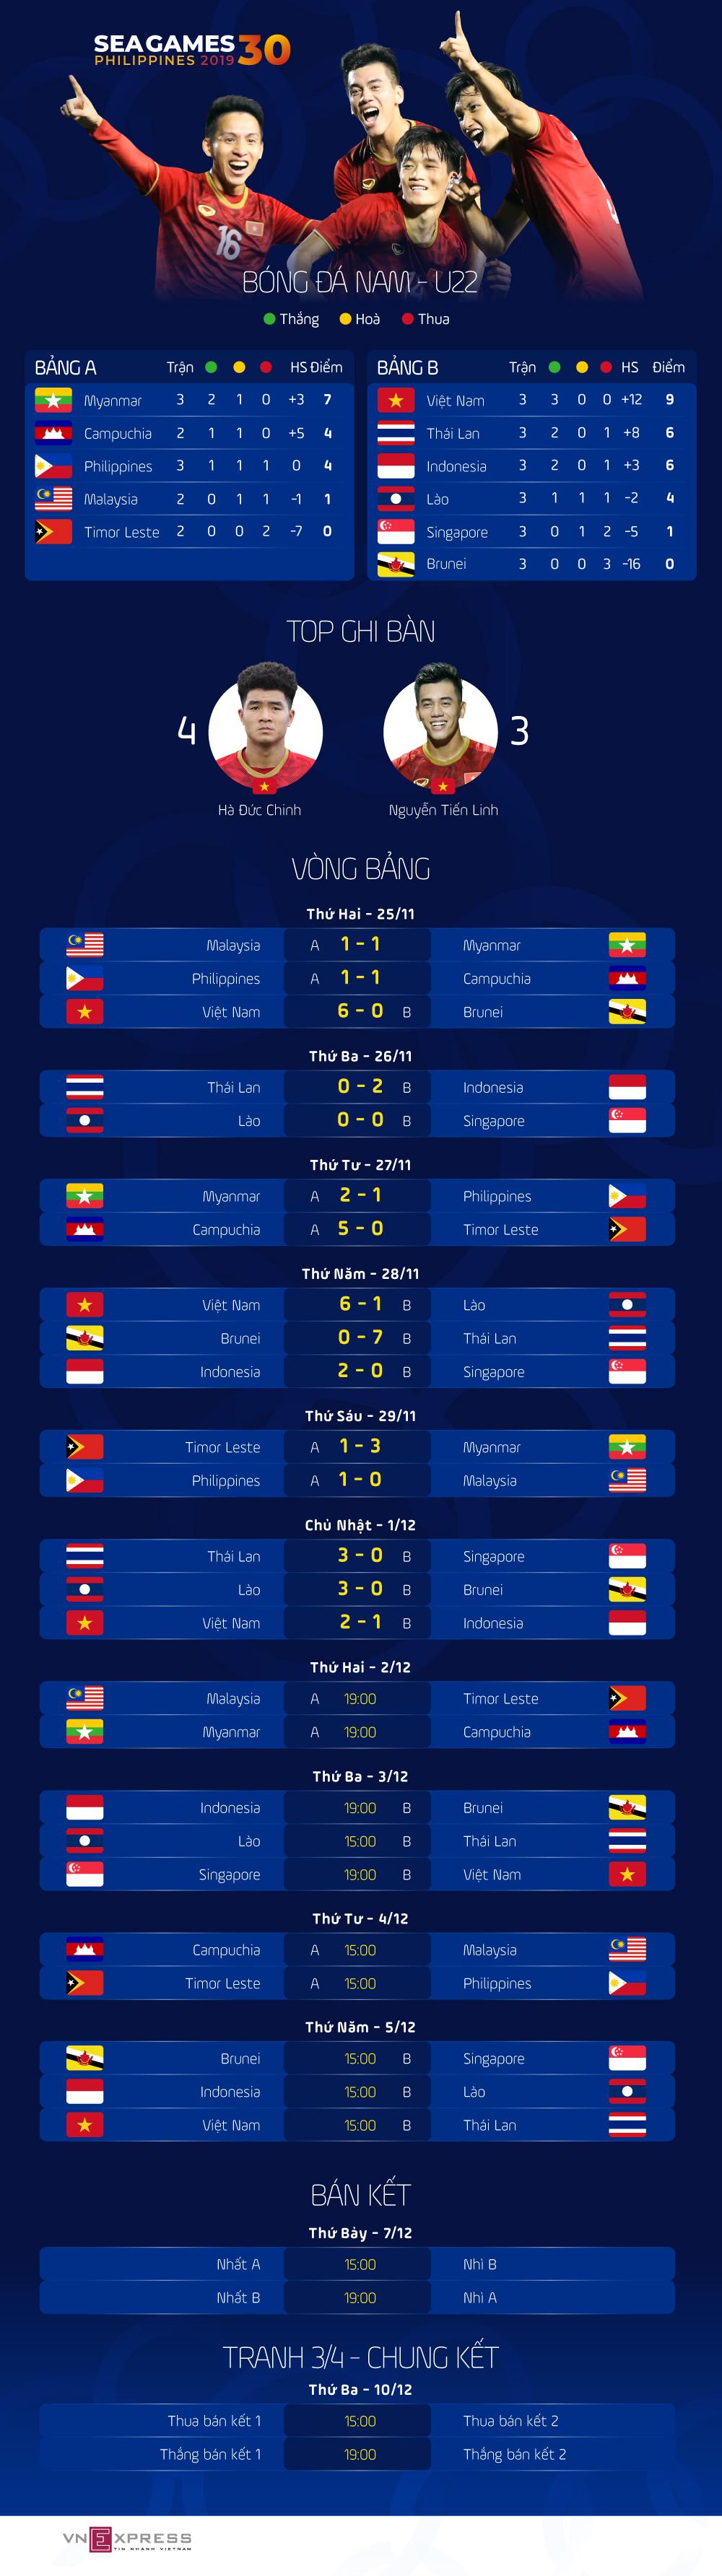 Lịch đấu và Bảng điểm bóng đá SEA Games 30